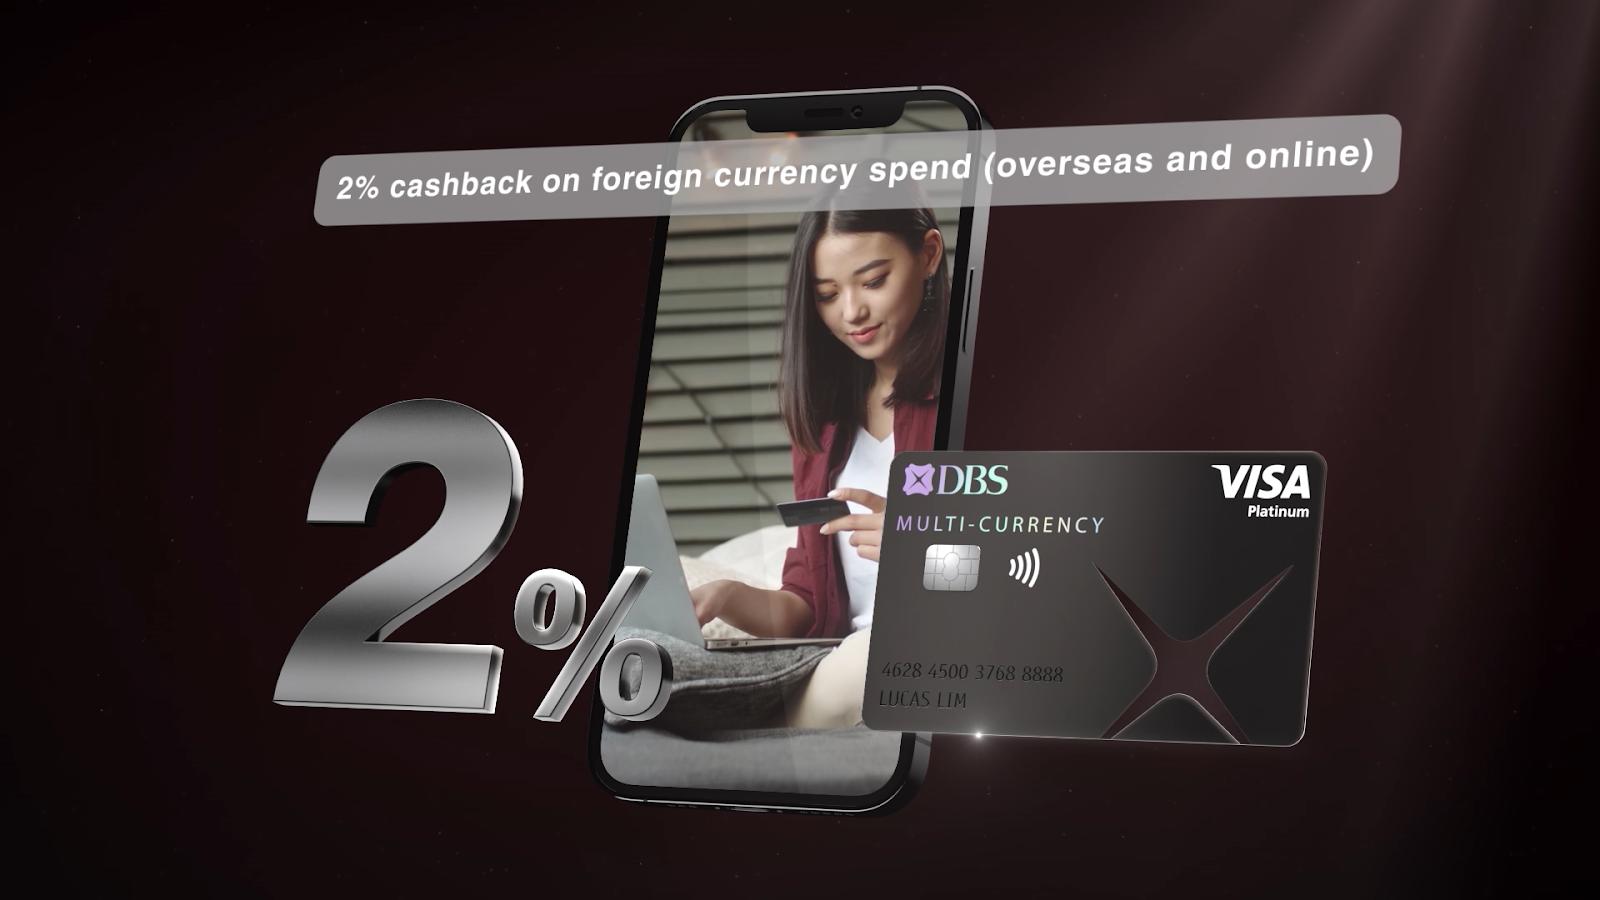 dbs visa debit card